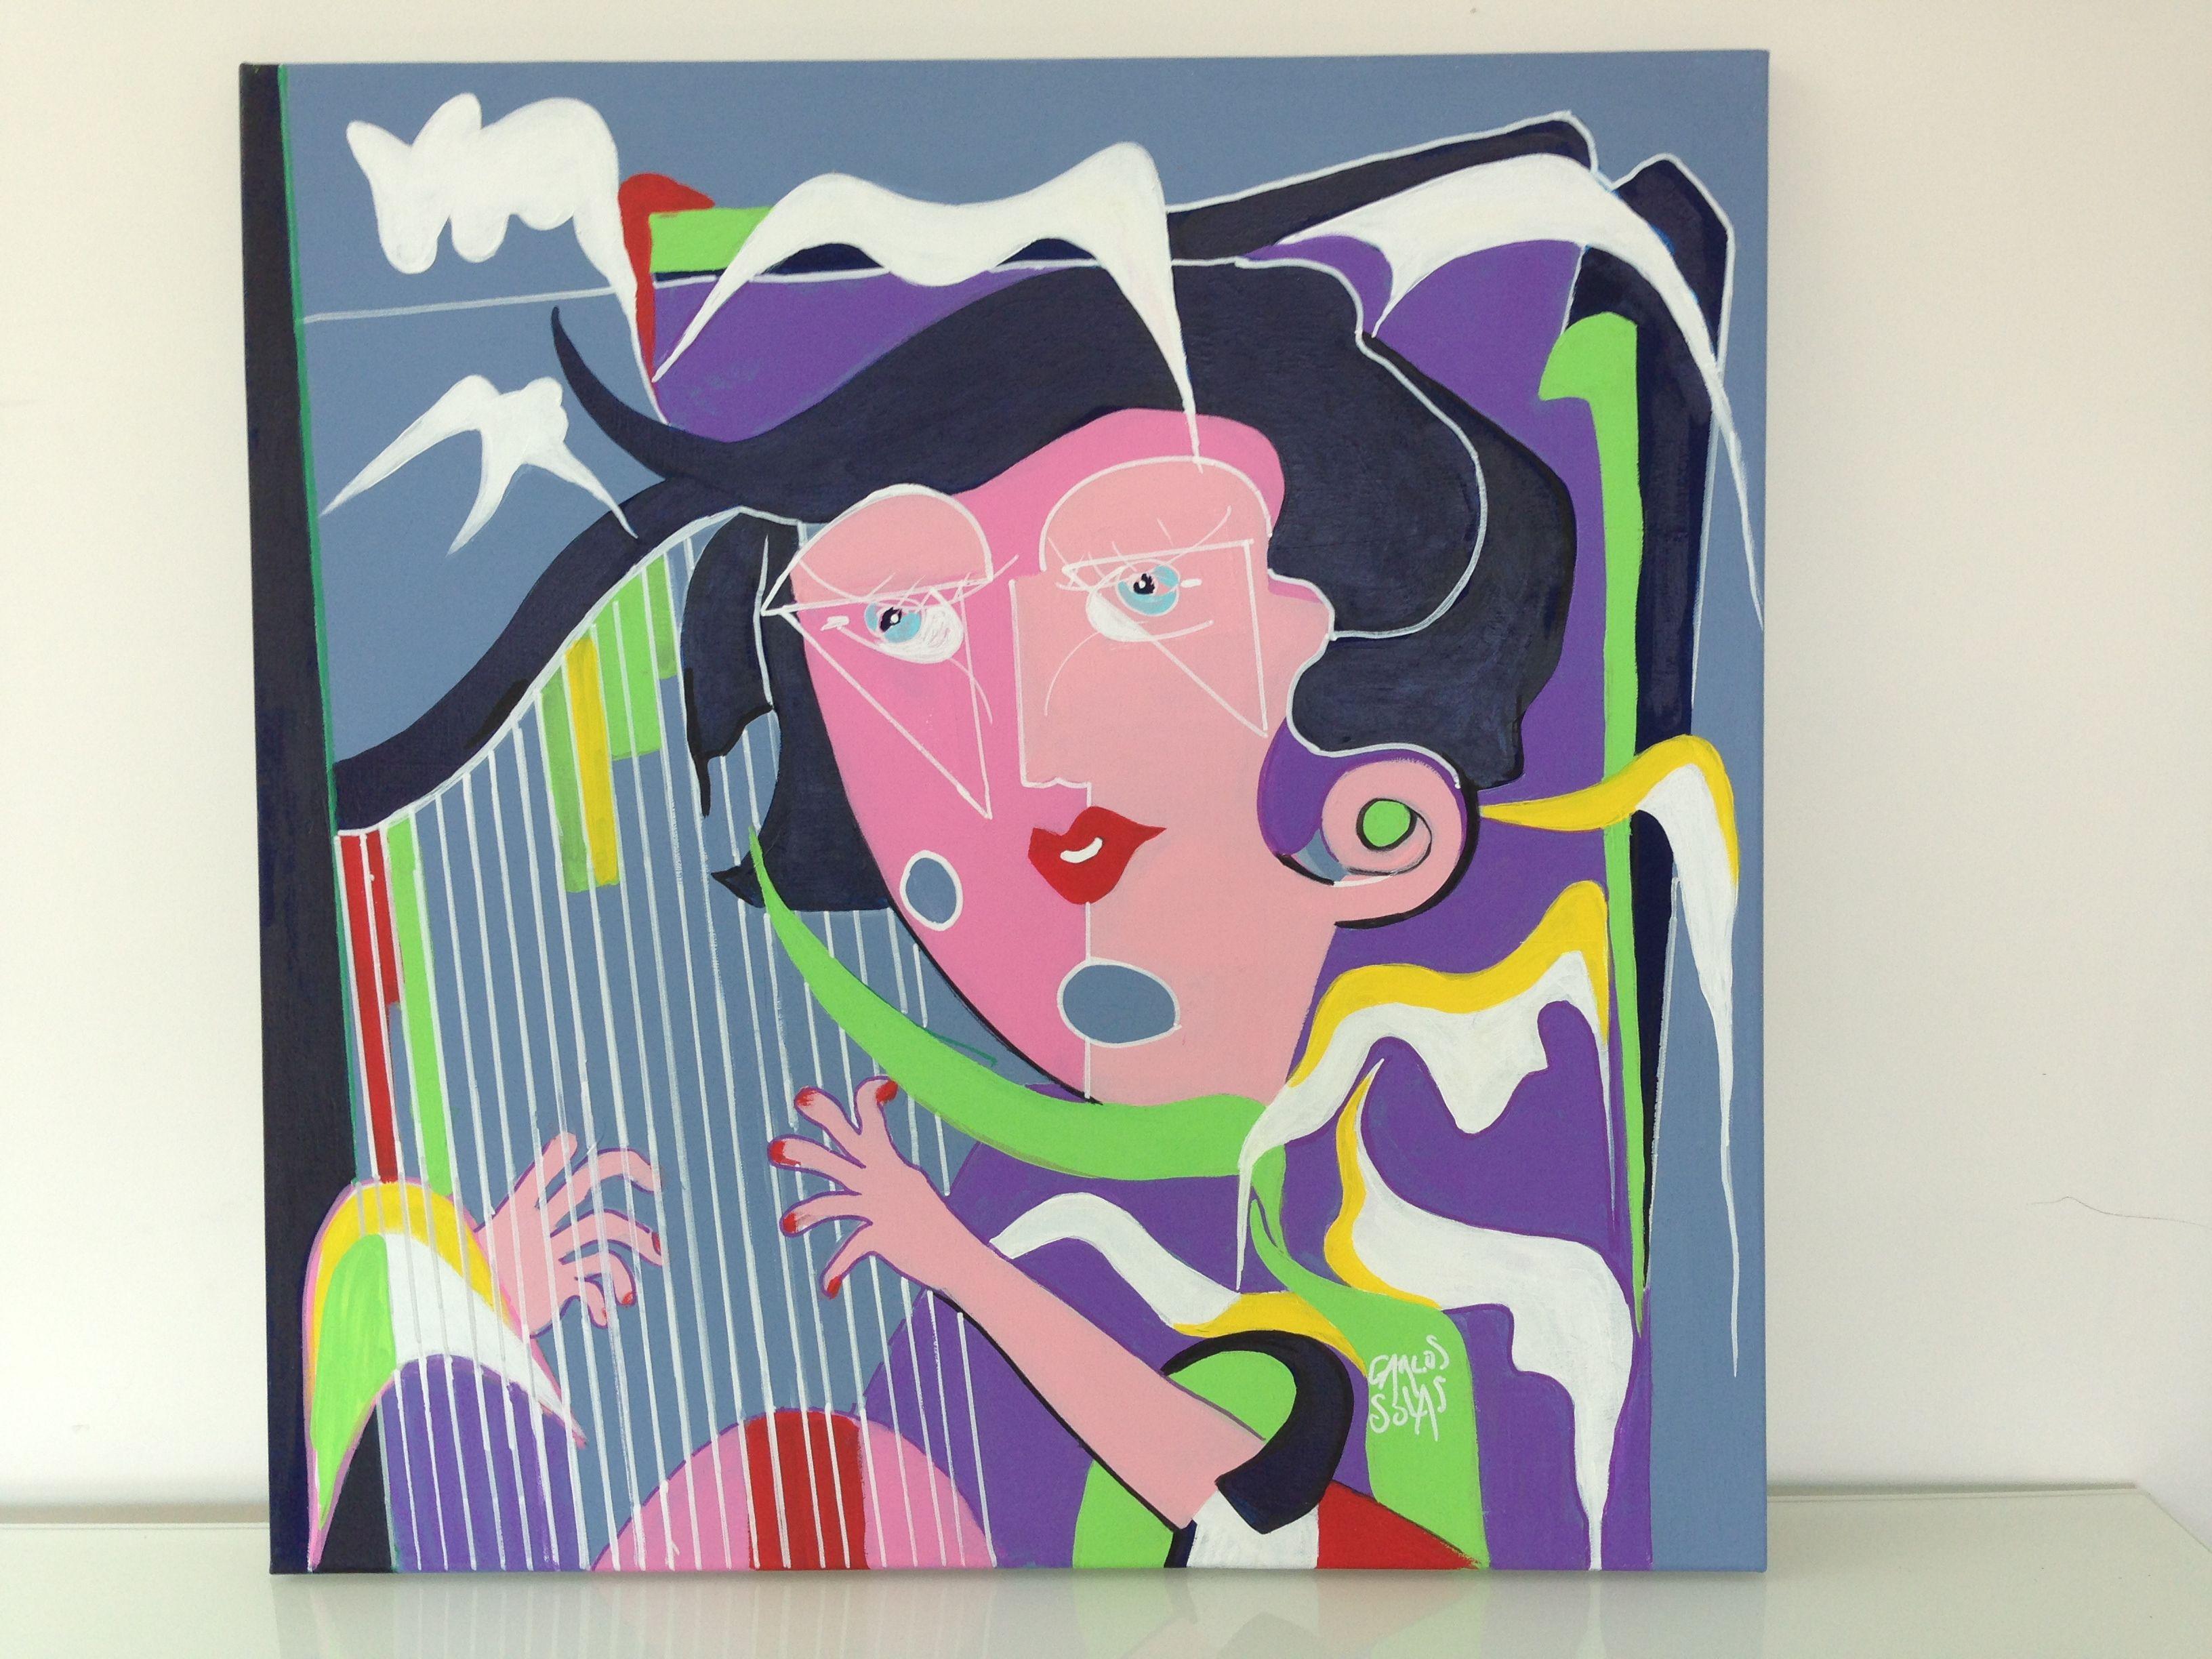 Épinglé par Carlos Solas sur Musique | Musique, Peinture